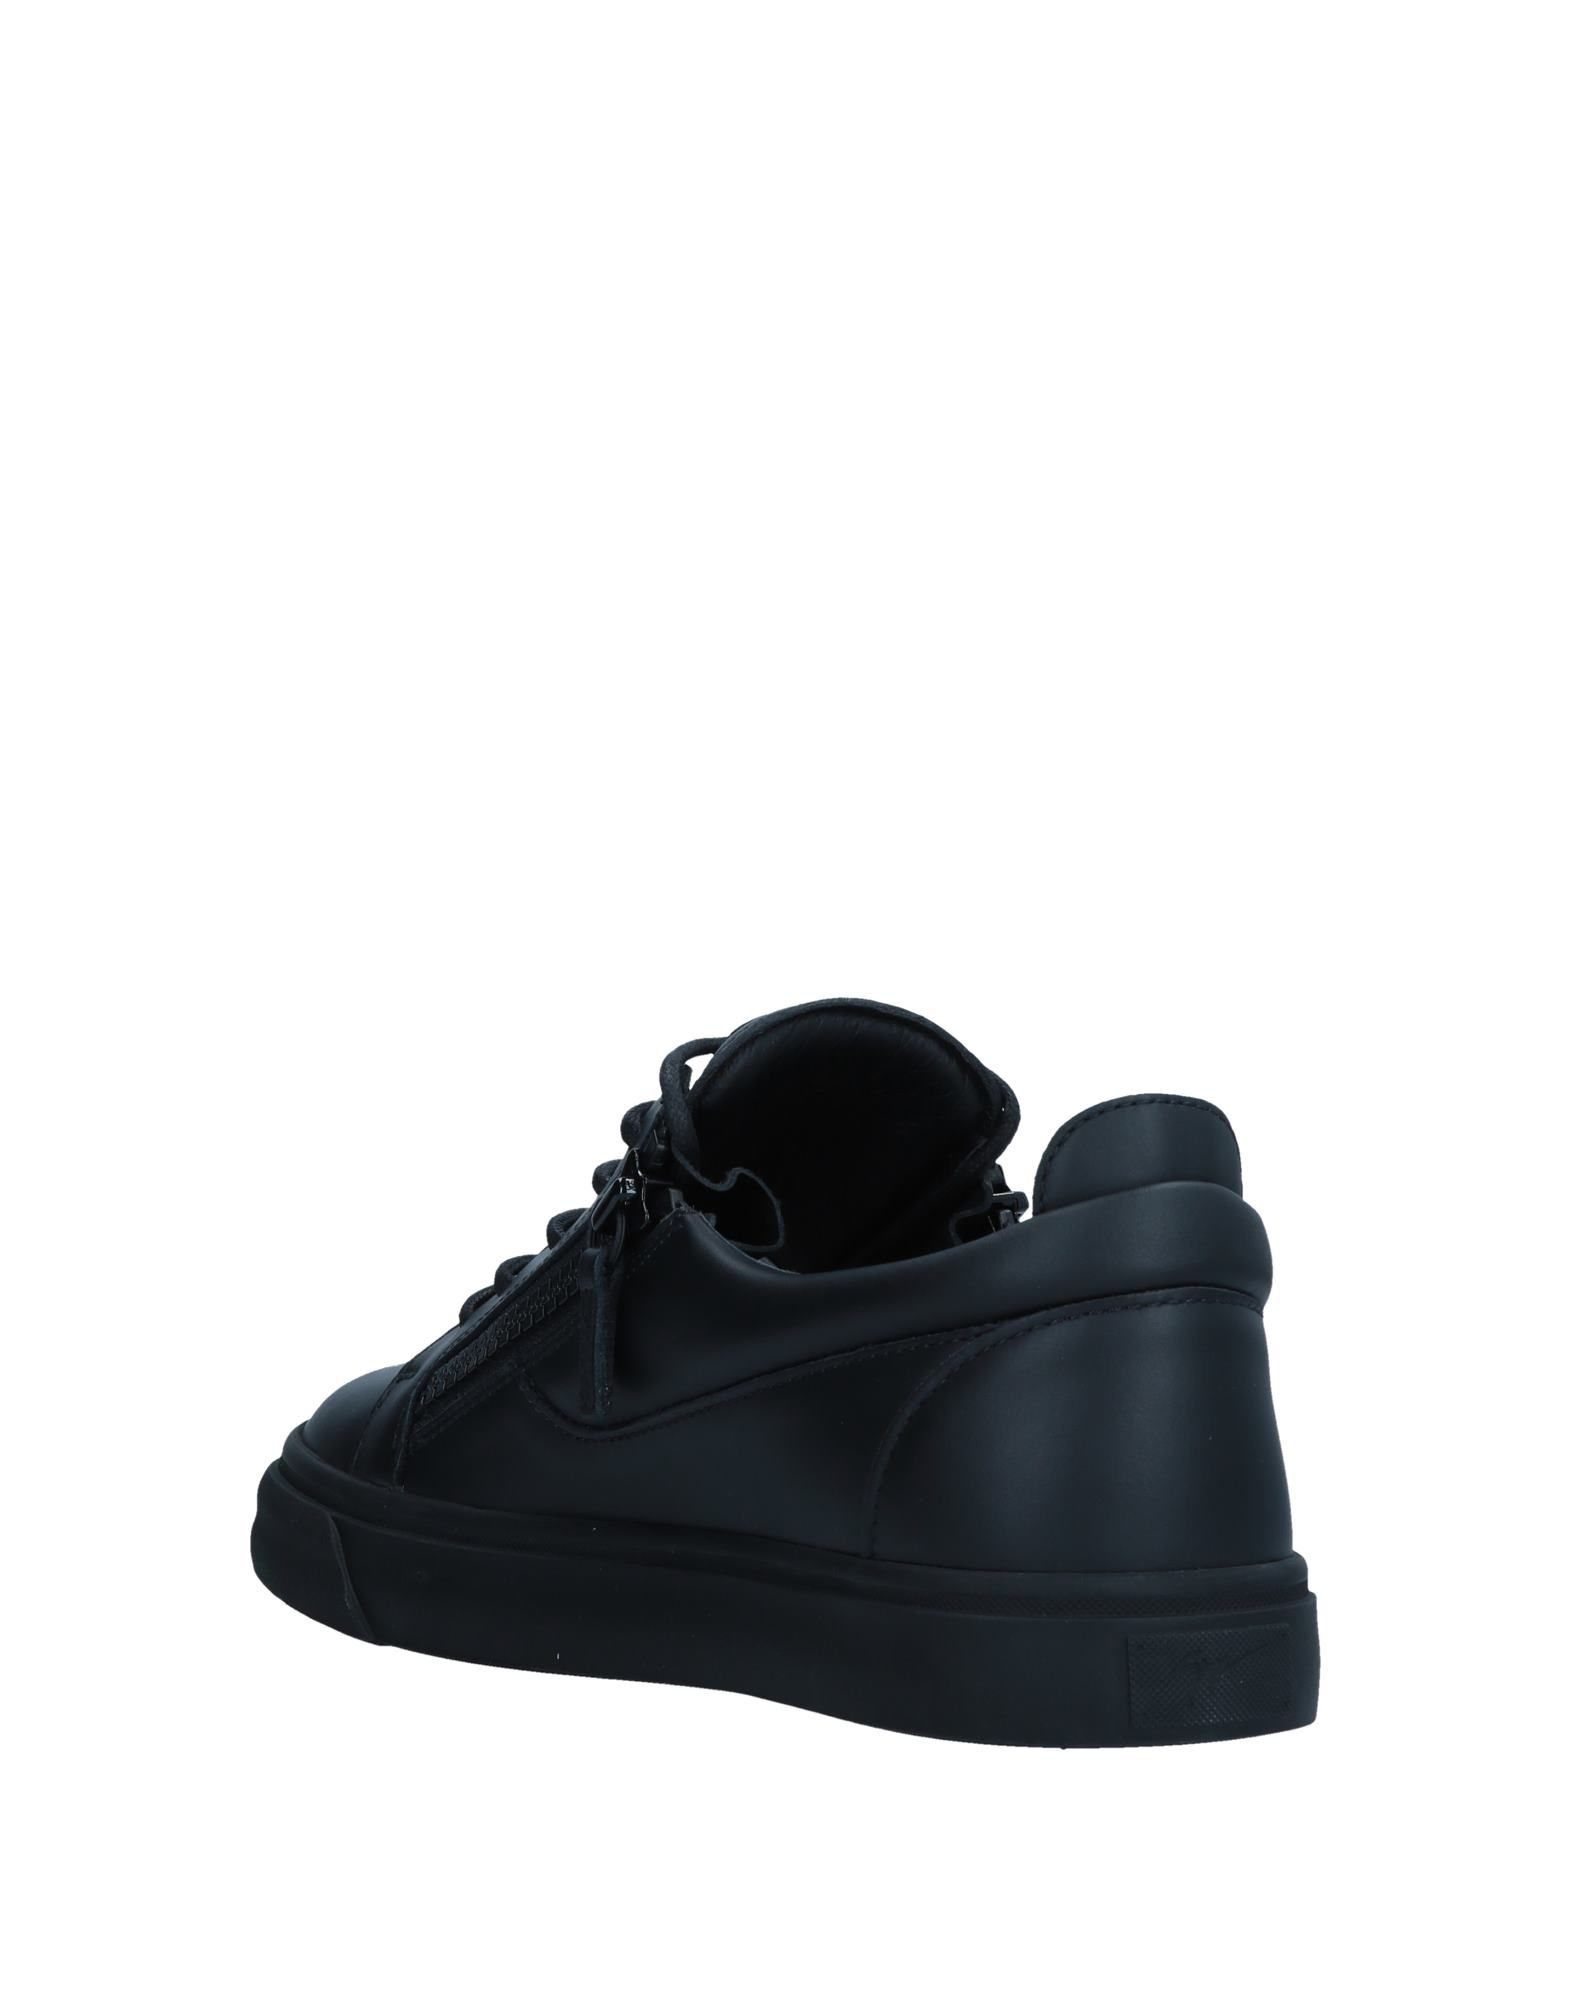 Giuseppe Zanotti Sneakers Herren  Schuhe 11544478MH Gute Qualität beliebte Schuhe  70481d